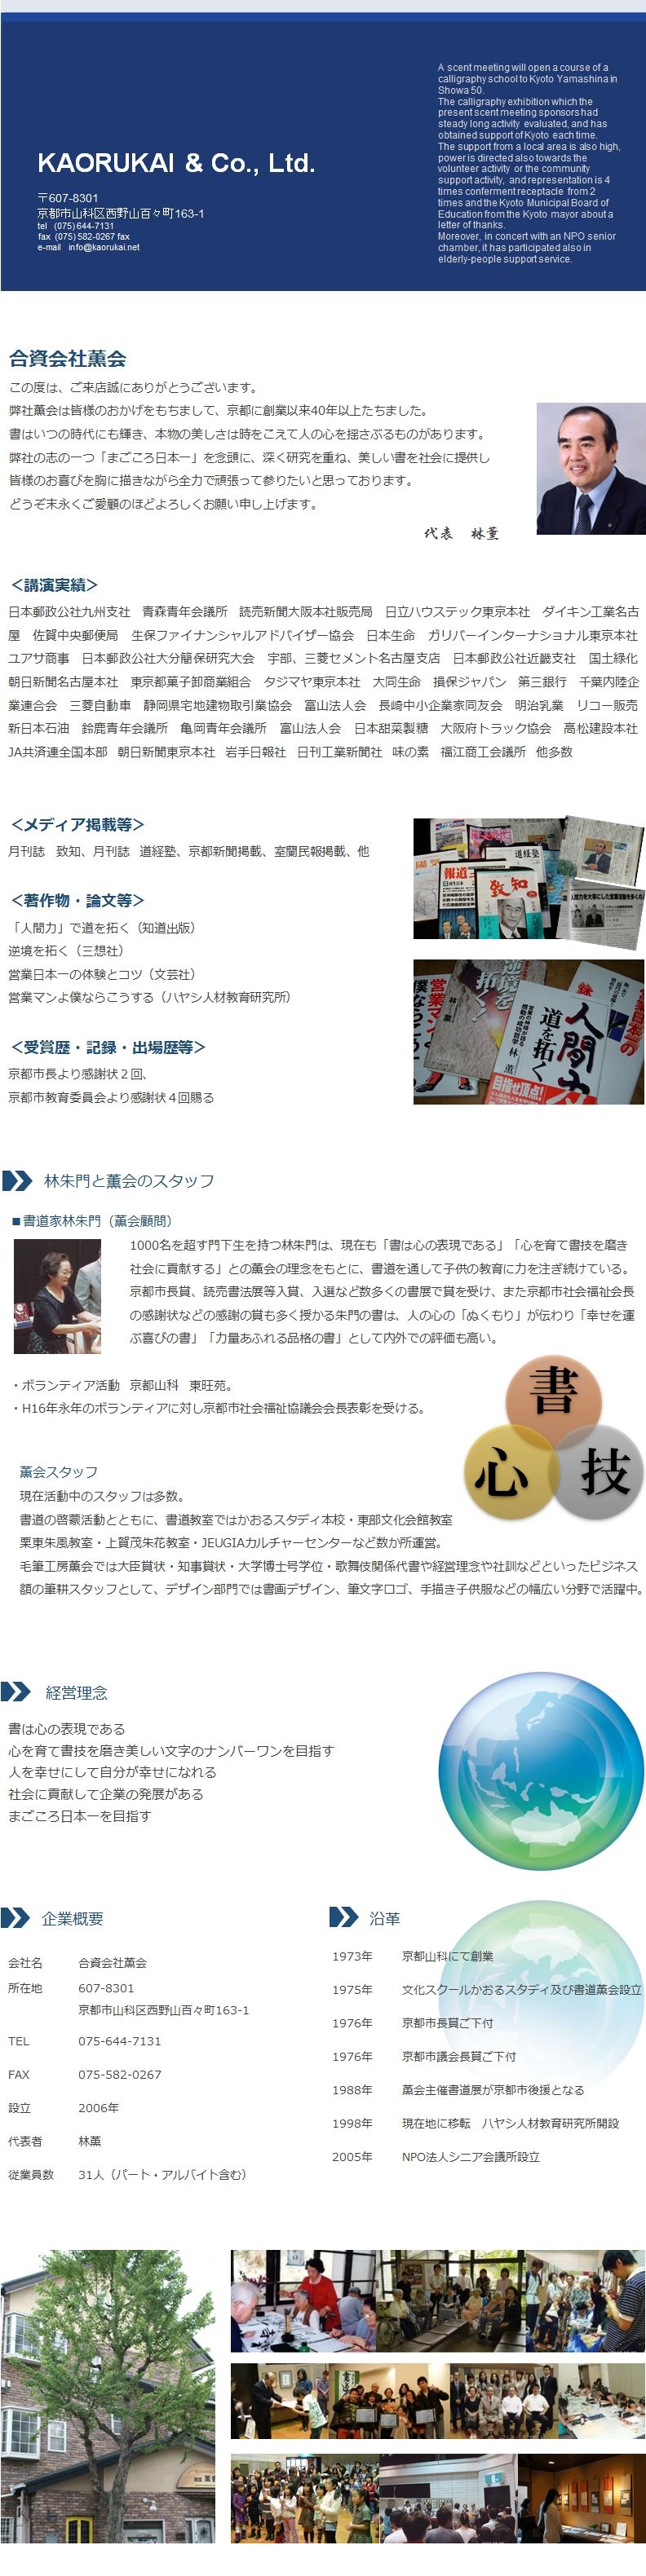 弊社薫会は皆様のおかげをもちまして、京都に創業以来40年以上たちました。 書はいつの時代にも輝き、本物の美しさは時をこえて人の心を揺さぶるものがあります。 弊社の志の一つ「まごころ日本一」を念頭に、深く研究を重ね、美しい書を社会に提供し 皆様のお喜びを胸に描きながら全力で頑張って参りたいと思っております。 どうぞ末永くご愛顧のほどよろしくお願い申し上げます。 <受賞歴・記録・出場歴等> 京都市長より感謝状2回、 京都市教育委員会より感謝状4回賜る 書道家林朱門(薫会顧問)           1000名を超す門下生を持つ林朱門は、現在も「書は心の表現である」「心を育て書技を磨き           社会に貢献する」との薫会の理念をもとに、書道を通して子供の教育に力を注ぎ続けている。           京都市長賞、読売書法展等入賞、入選など数多くの書展で賞を受け、また京都市社会福祉会長           の感謝状などの感謝の賞も多く授かる朱門の書は、人の心の「ぬくもり」が伝わり「幸せを運           ぶ喜びの書」「力量あふれる品格の書」として内外での評価も高い。  ・ボランティア活動 京都山科 東旺苑。 ・H16年永年のボランティアに対し京都市社会福祉協議会会長表彰を受ける。  現在活動中のスタッフは多数。 書道の啓蒙活動とともに、書道教室ではかおるスタディ本校・東部文化会館教室 栗東朱風教室・上賀茂朱花教室・JEUGIAカルチャーセンターなど数か所運営。 毛筆工房薫会では大臣賞状・知事賞状・大学博士号学位・歌舞伎関係代書や経営理念や社訓などといったビジネス額の筆耕スタッフとして、デザイン部門では書画デザイン、筆文字ロゴ、手描き子供服などの幅広い分野で活躍中。 <講演実績> 日本郵政公社九州支社 青森青年会議所 読売新聞大阪本社販売局 日立ハウステック東京本社 ダイキン工業名古屋 佐賀中央郵便局 生保ファイナンシャルアドバイザー協会 日本生命 ガリバーインターナショナル東京本社 ユアサ商事 日本郵政公社大分簡保研究大会 宇部、三菱セメント名古屋支店 日本郵政公社近畿支社 国土緑化 朝日新聞名古屋本社 東京都菓子卸商業組合 タジマヤ東京本社 大同生命 損保ジャパン 第三銀行 千葉内陸企業連合会 三菱自動車 静岡県宅地建物取引業協会 富山法人会 長崎中小企業家同友会 明治乳業 リコー販売 新日本石油 鈴鹿青年会議所 亀岡青年会議所 富山法人会 日本甜菜製糖 大阪府トラック協会 高松建設本社 JA共済連全国本部 他多数